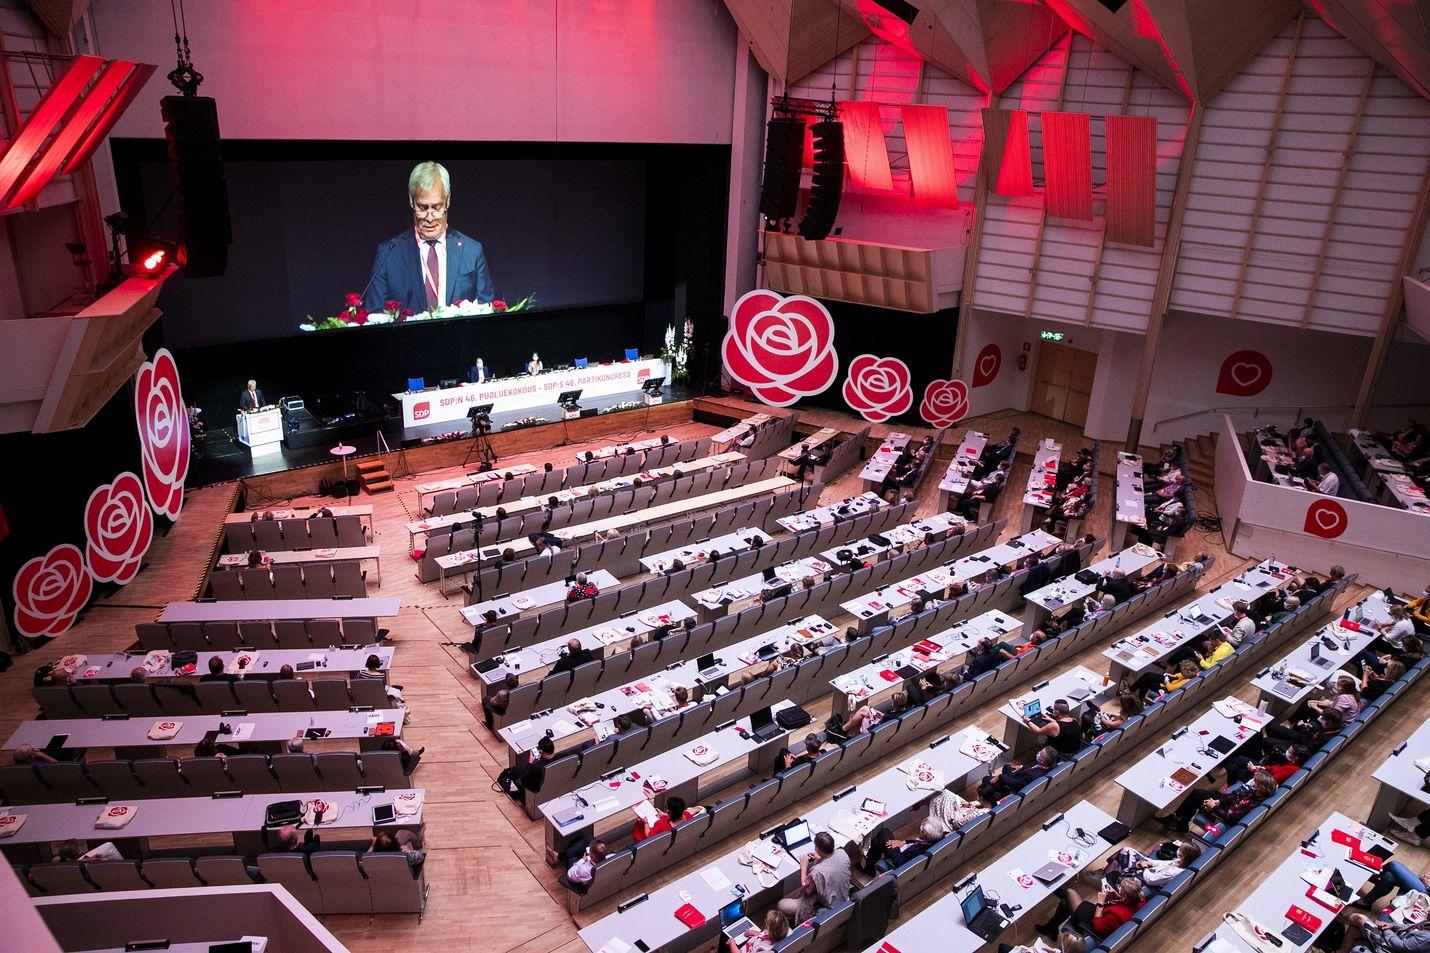 Aatteen paloa Tampereella. Sdp:n elokuisen puoluekokouksen visuaalinen ilme ei jättänyt epäselväksi, kumman poliittisen laidan kokouksesta oli kyse.